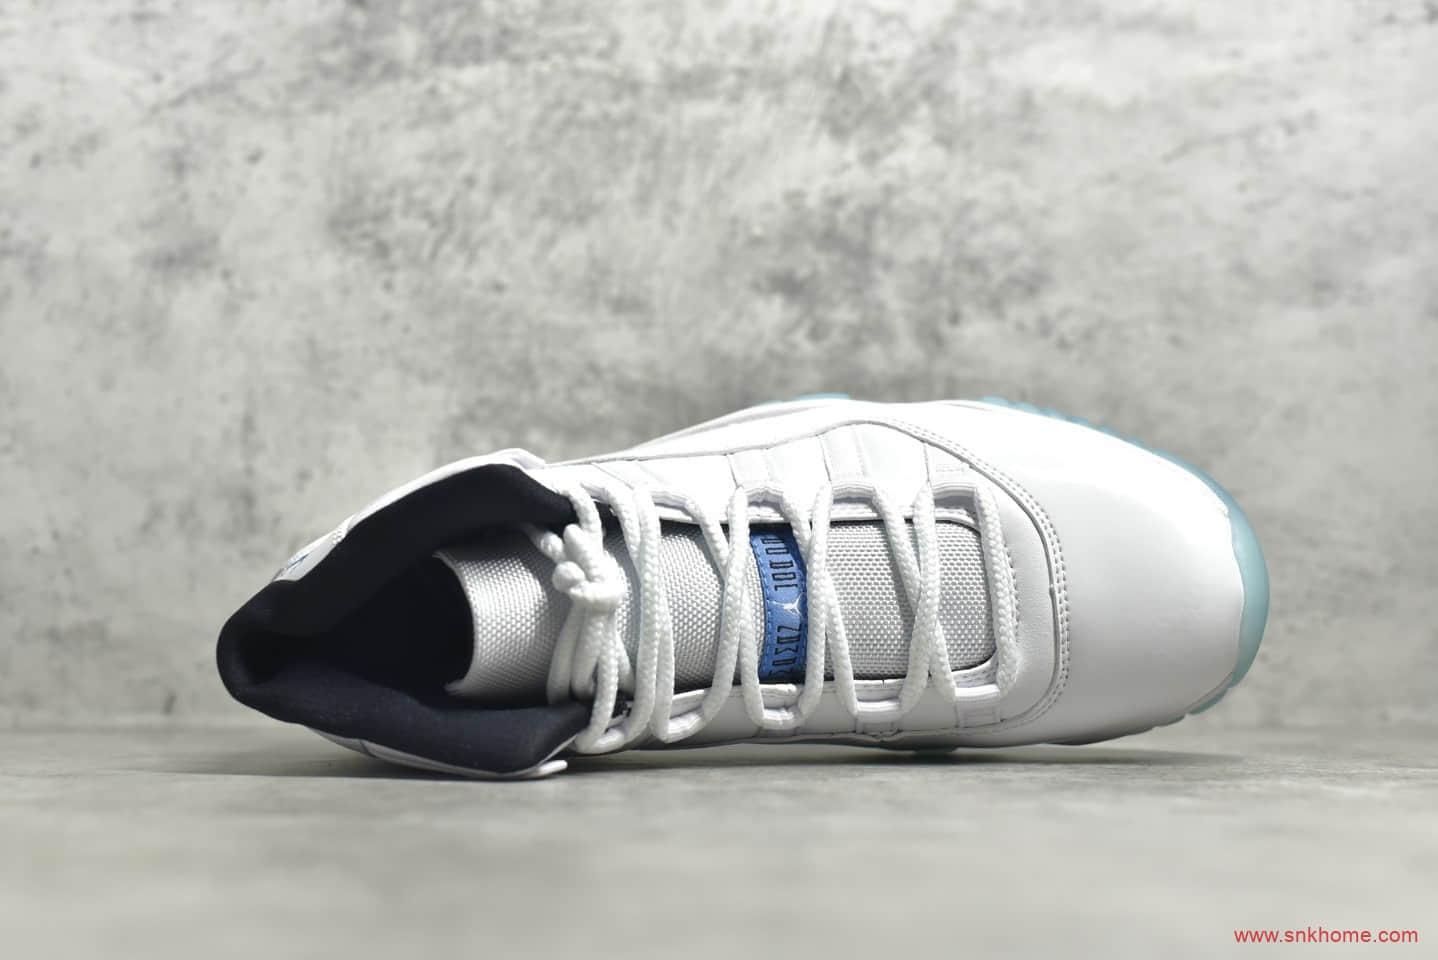 AJ11传奇蓝实战球鞋 Air Jordan 11 AJ11 传奇蓝 AJ11高帮篮球鞋原厂碳板 货号:378037-006-潮流者之家